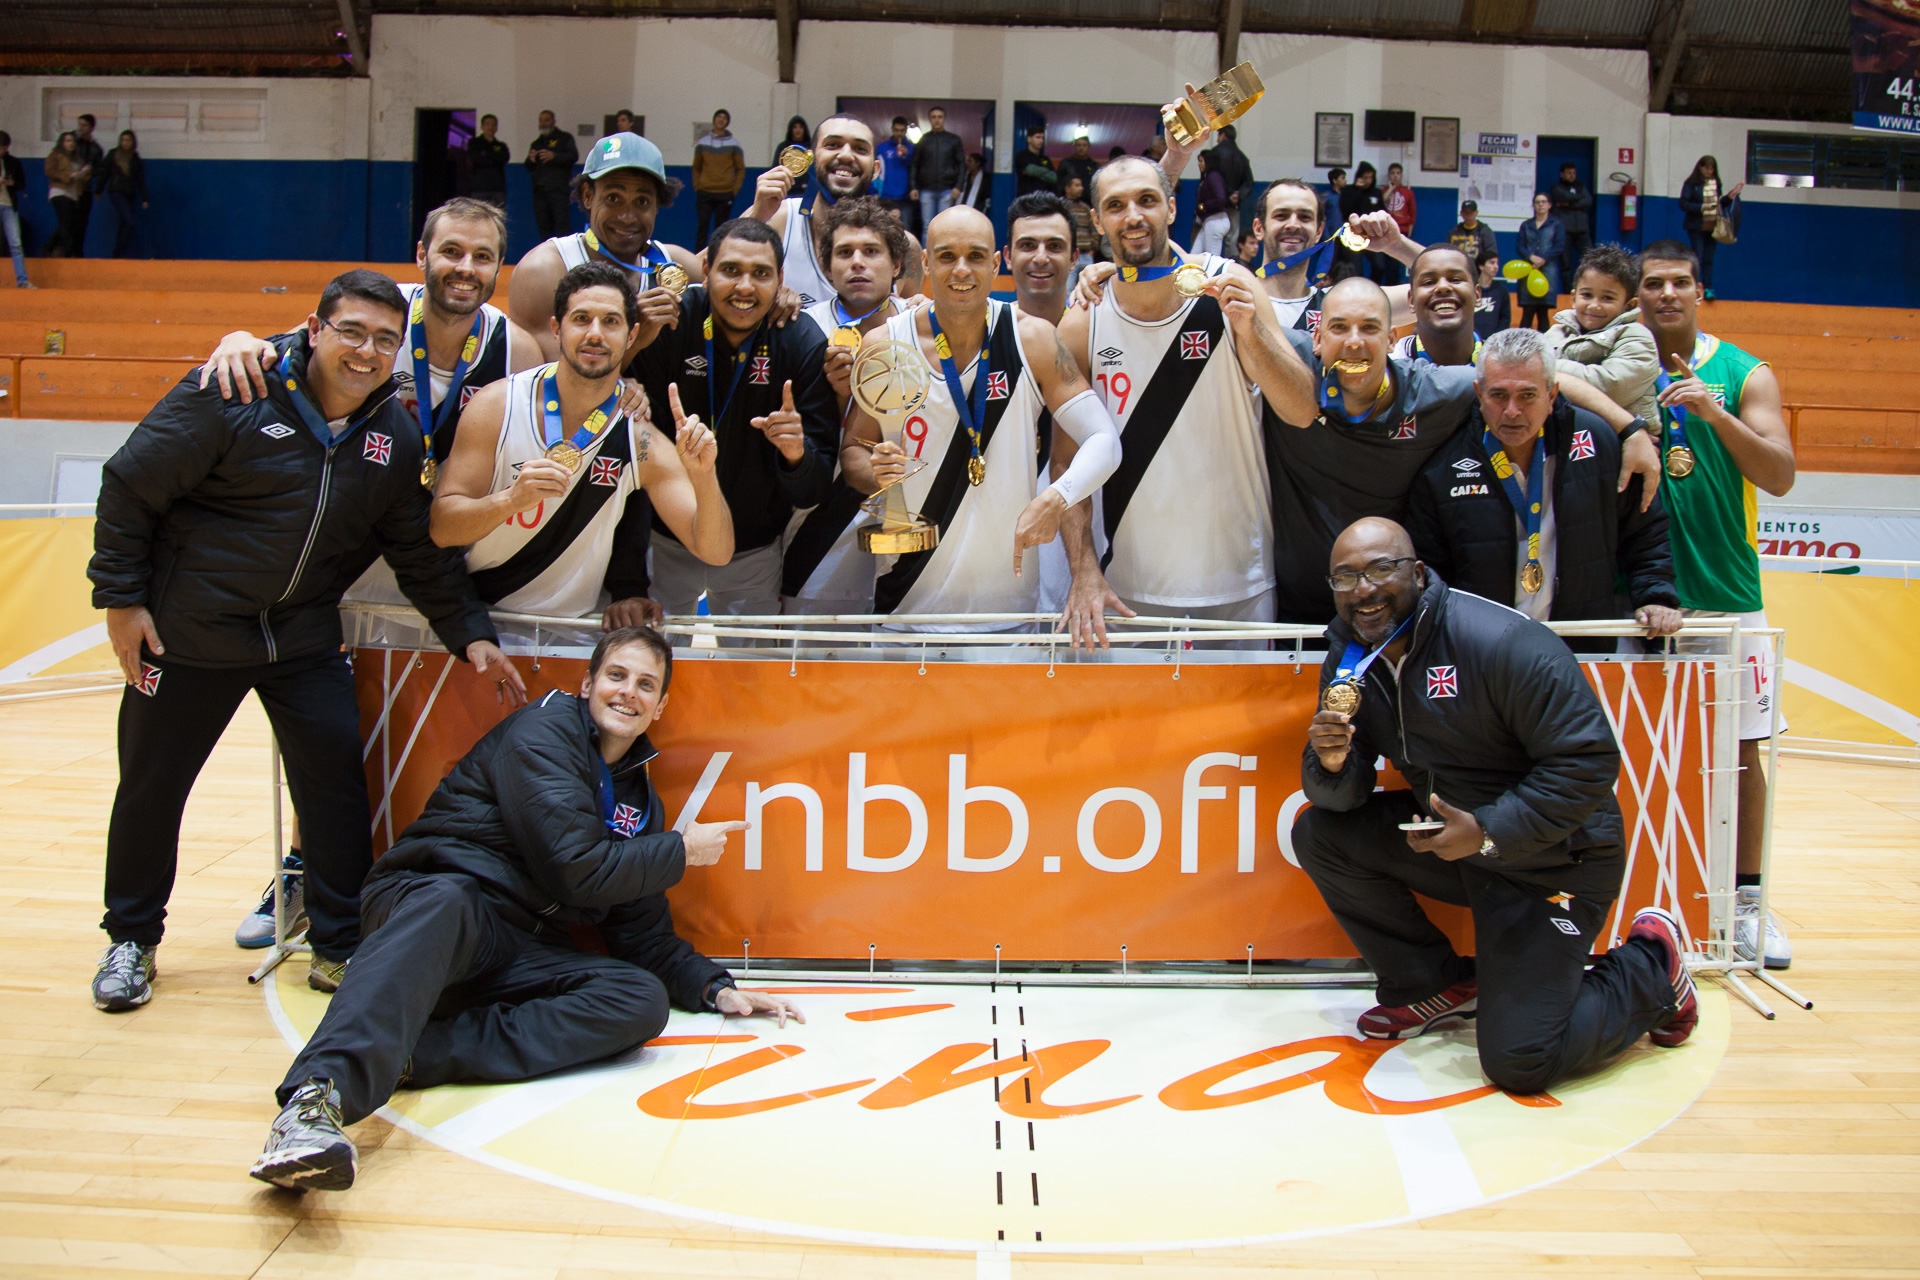 Jogadores do Vasco recebendo a medalha de ouro